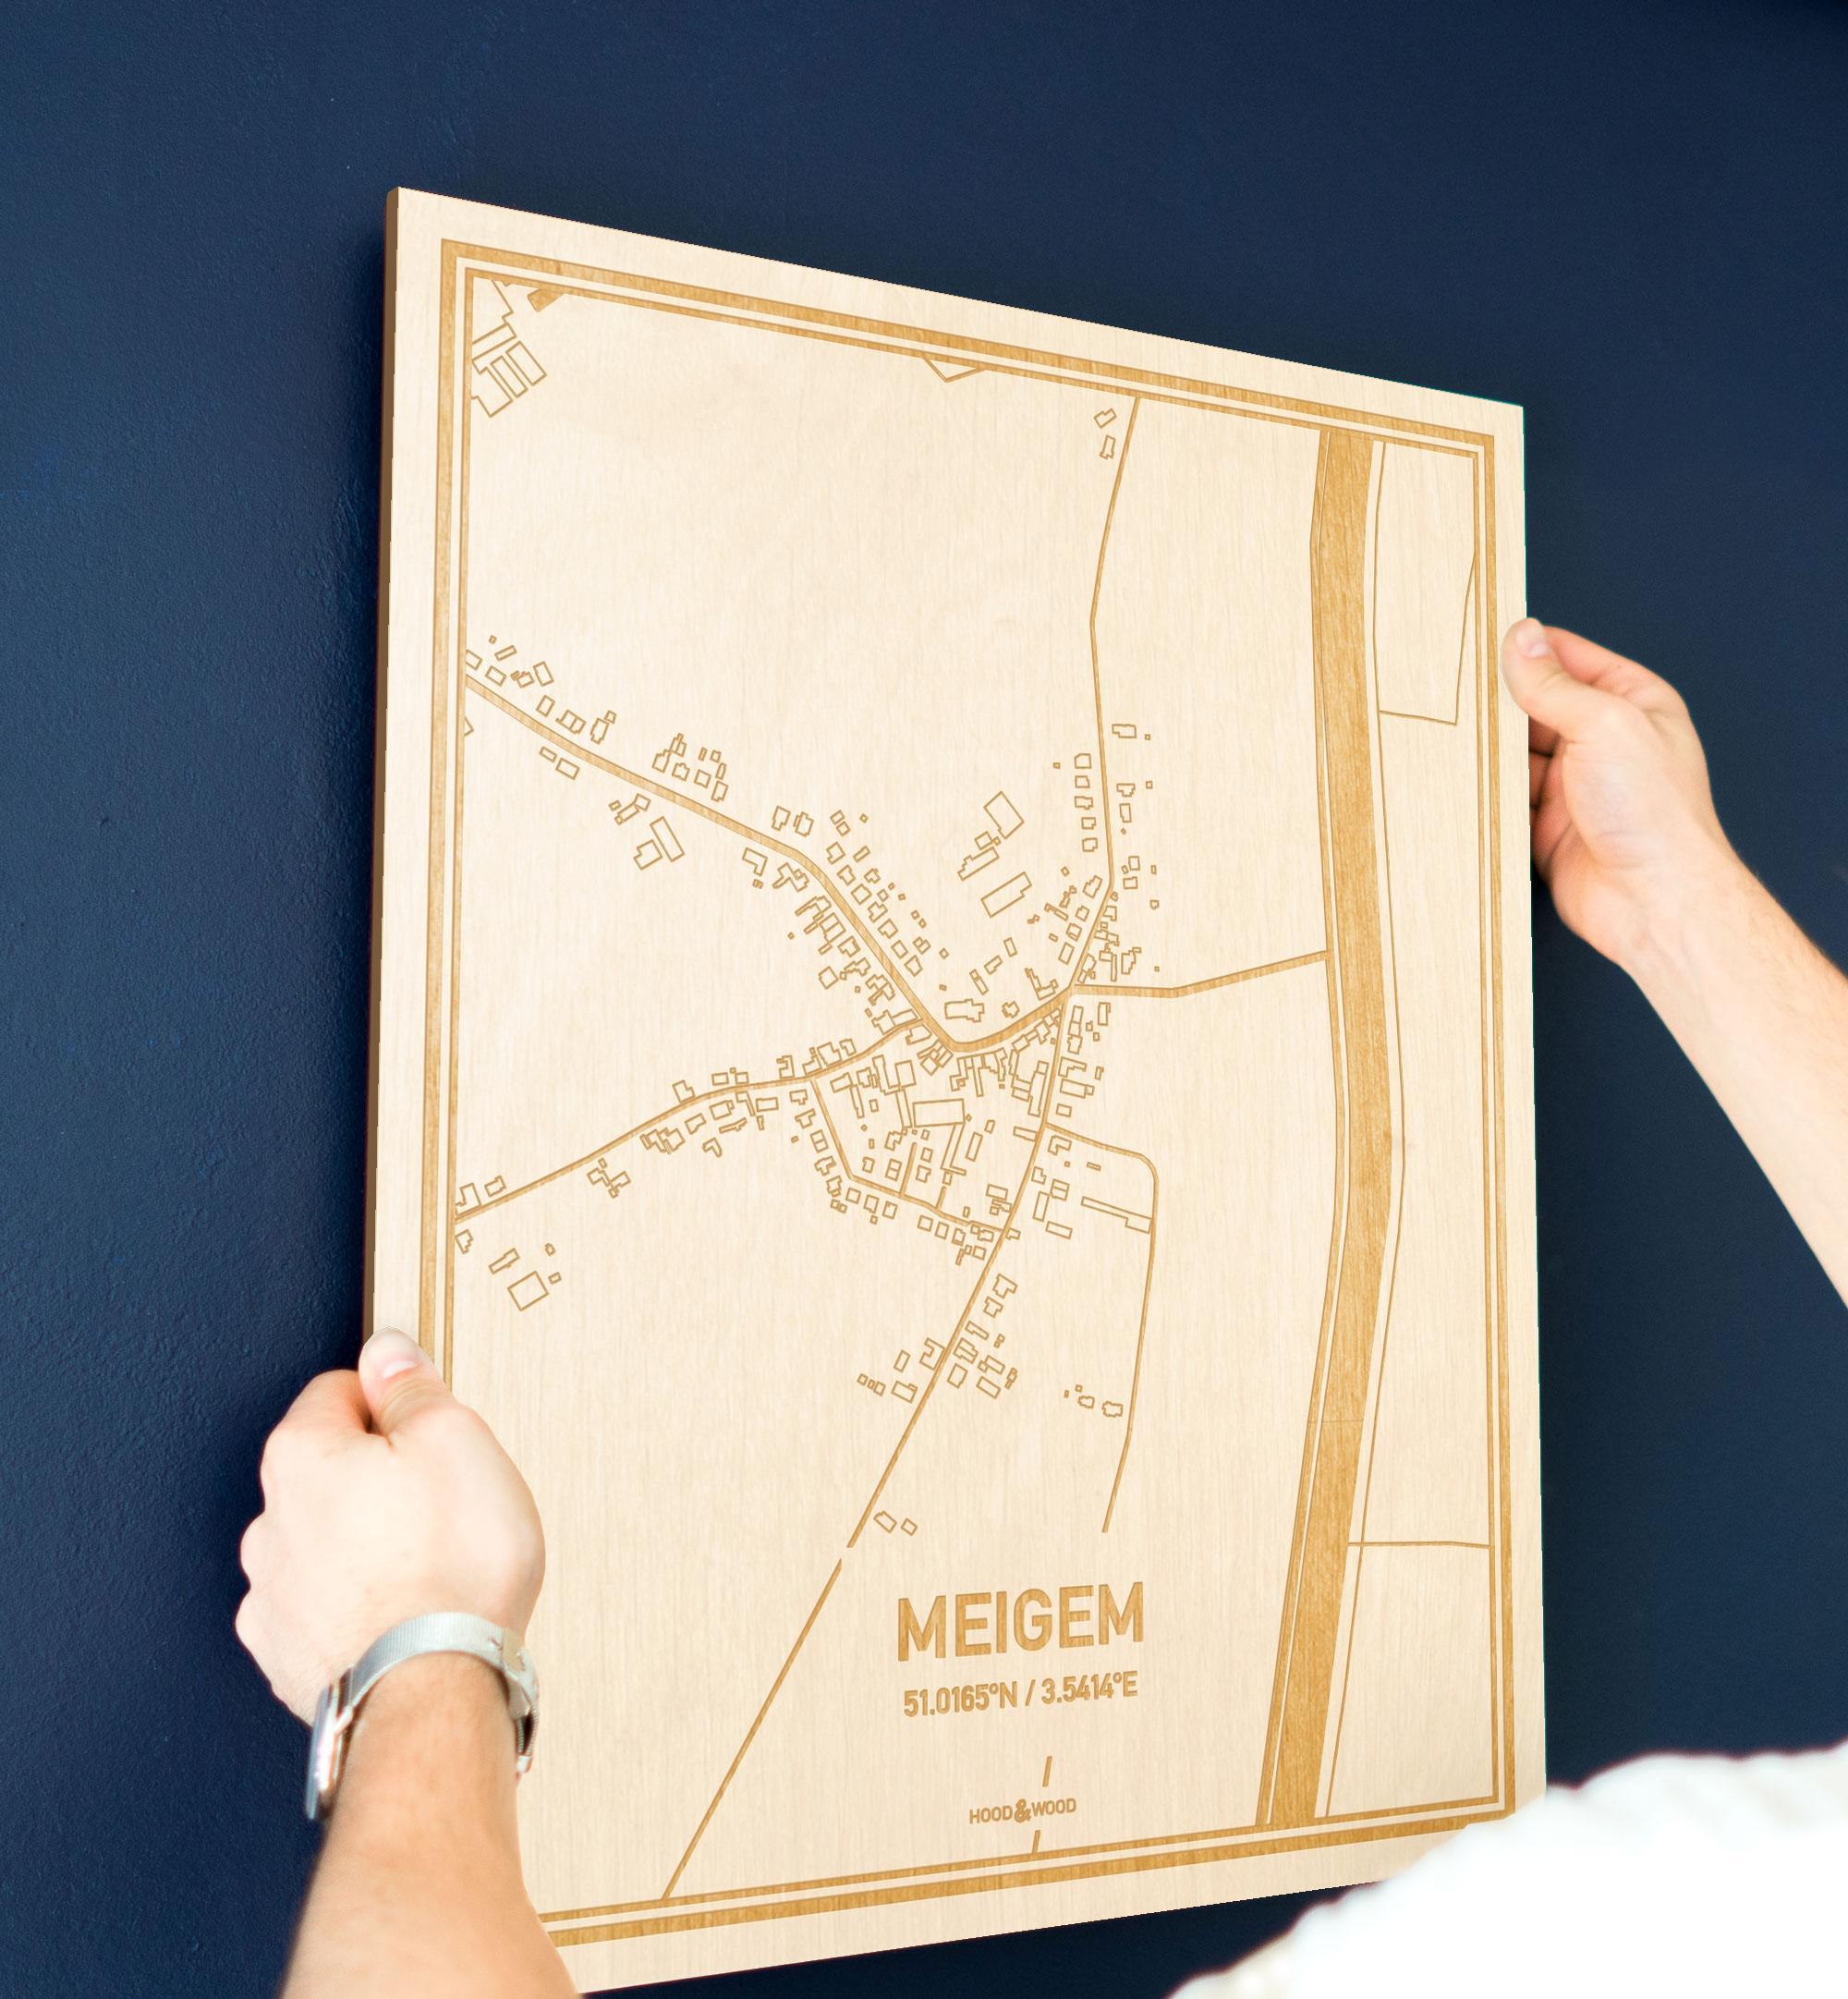 Een man hangt de houten plattegrond Meigem aan zijn blauwe muur ter decoratie. Je ziet alleen zijn handen de kaart van deze unieke in Oost-Vlaanderen  vasthouden.